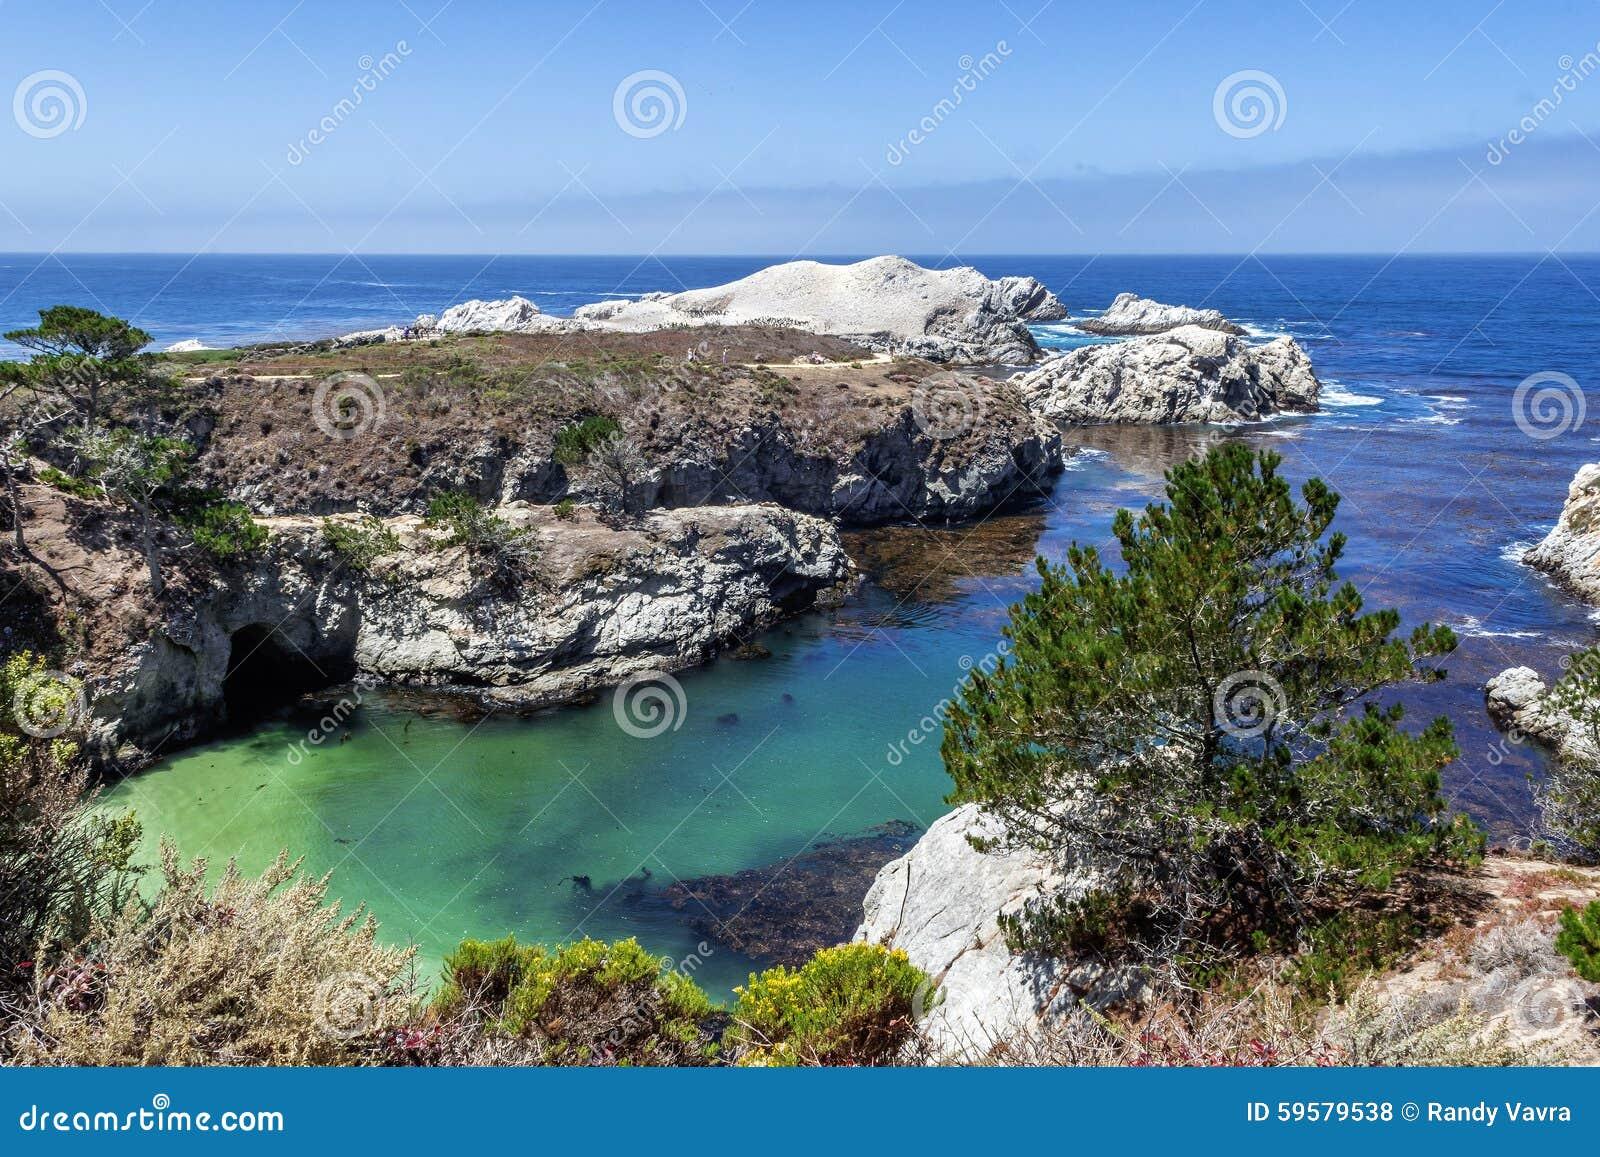 Όρμος/παραλία της Κίνας στην κρατική φυσική επιφύλαξη Lobos σημείου